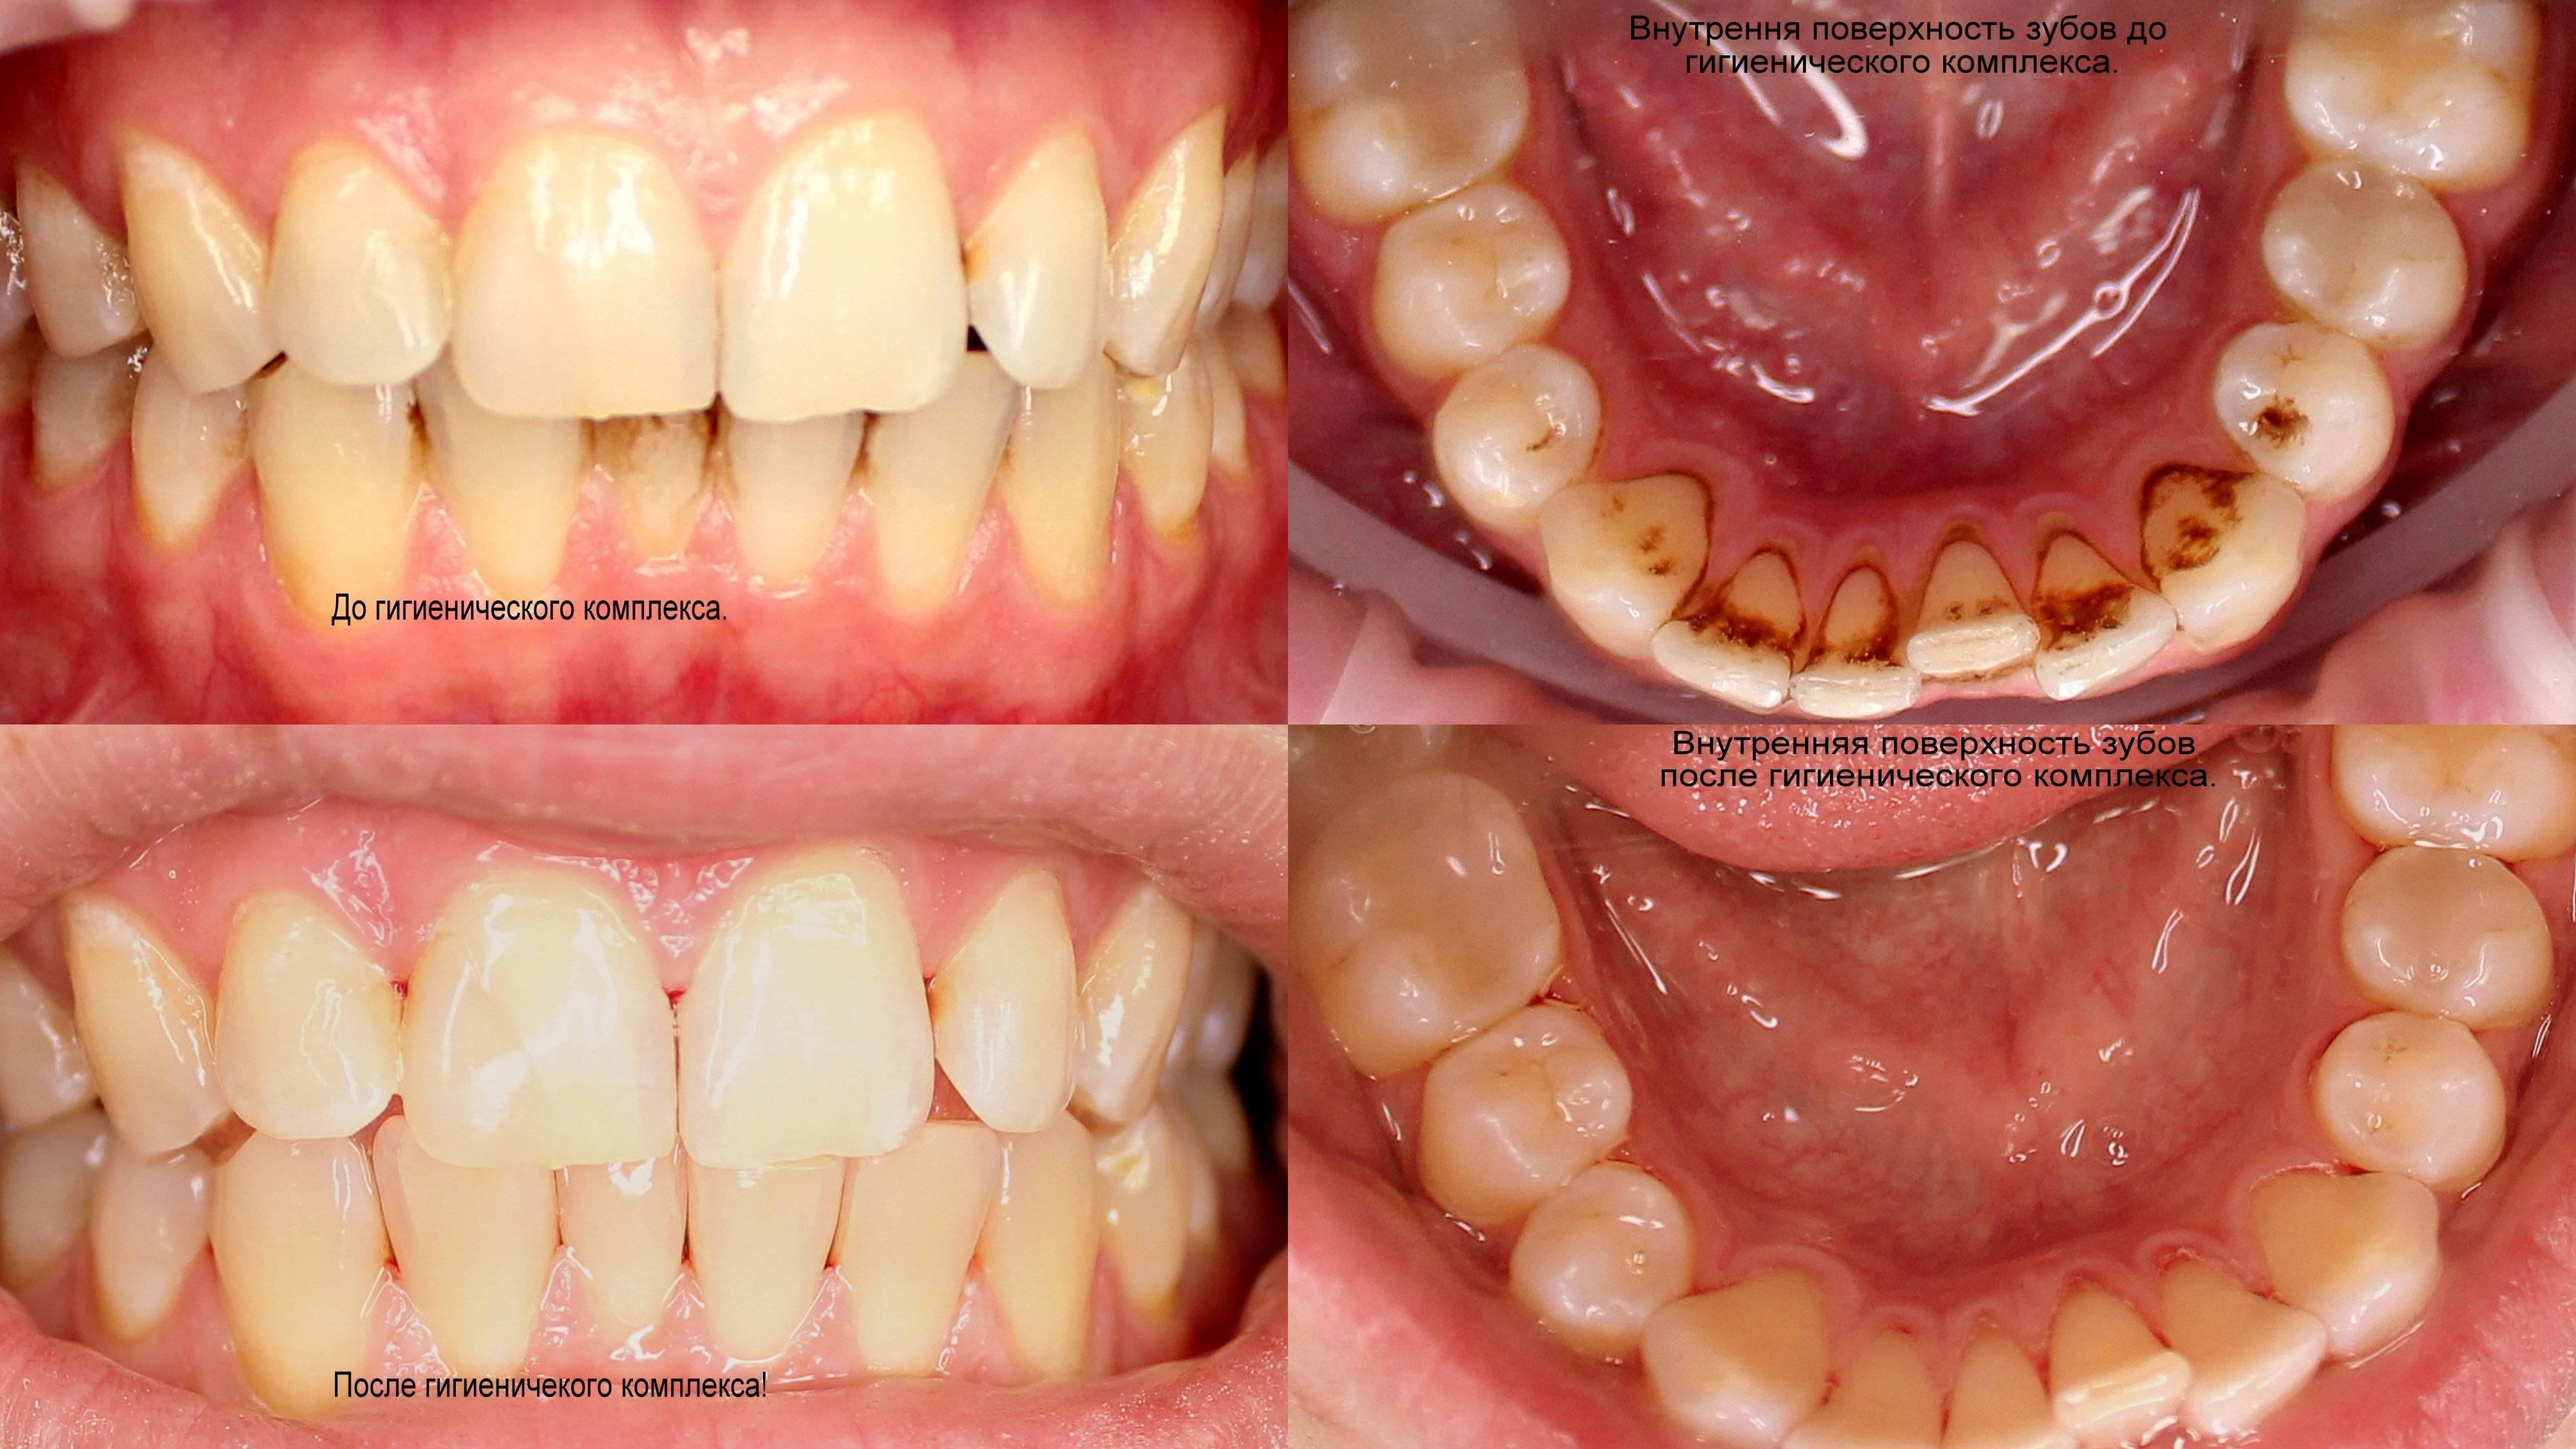 Рекомендации после чистки зубов у стоматолога